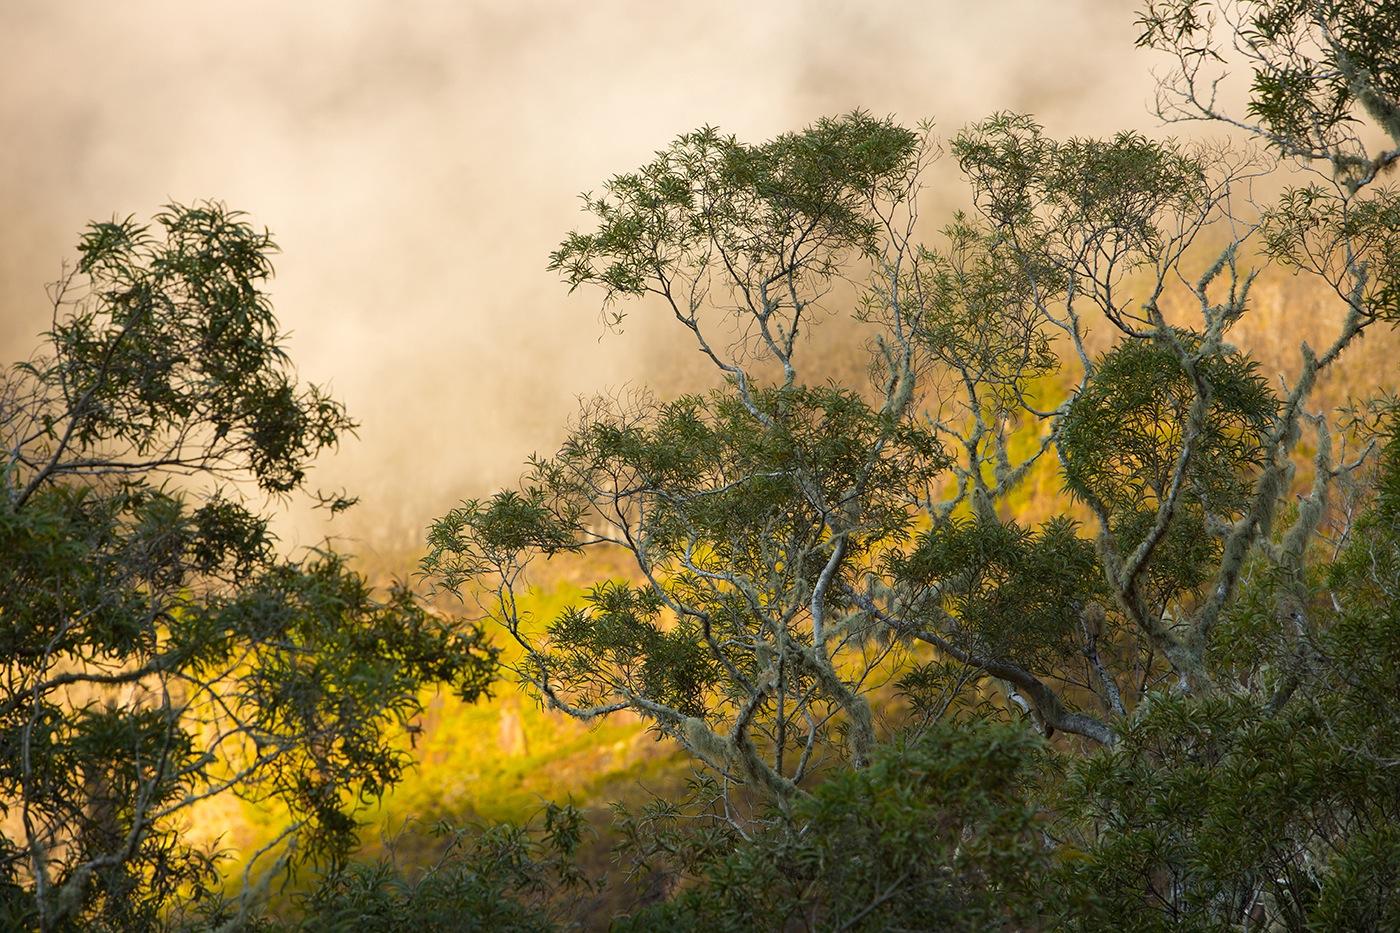 Acacia Heterophylla (Tamarins des hauts) Coucher de soleil sur le plateau du Kerval (Cirque de Mafate - île de la Réunion)Alt. 1770m